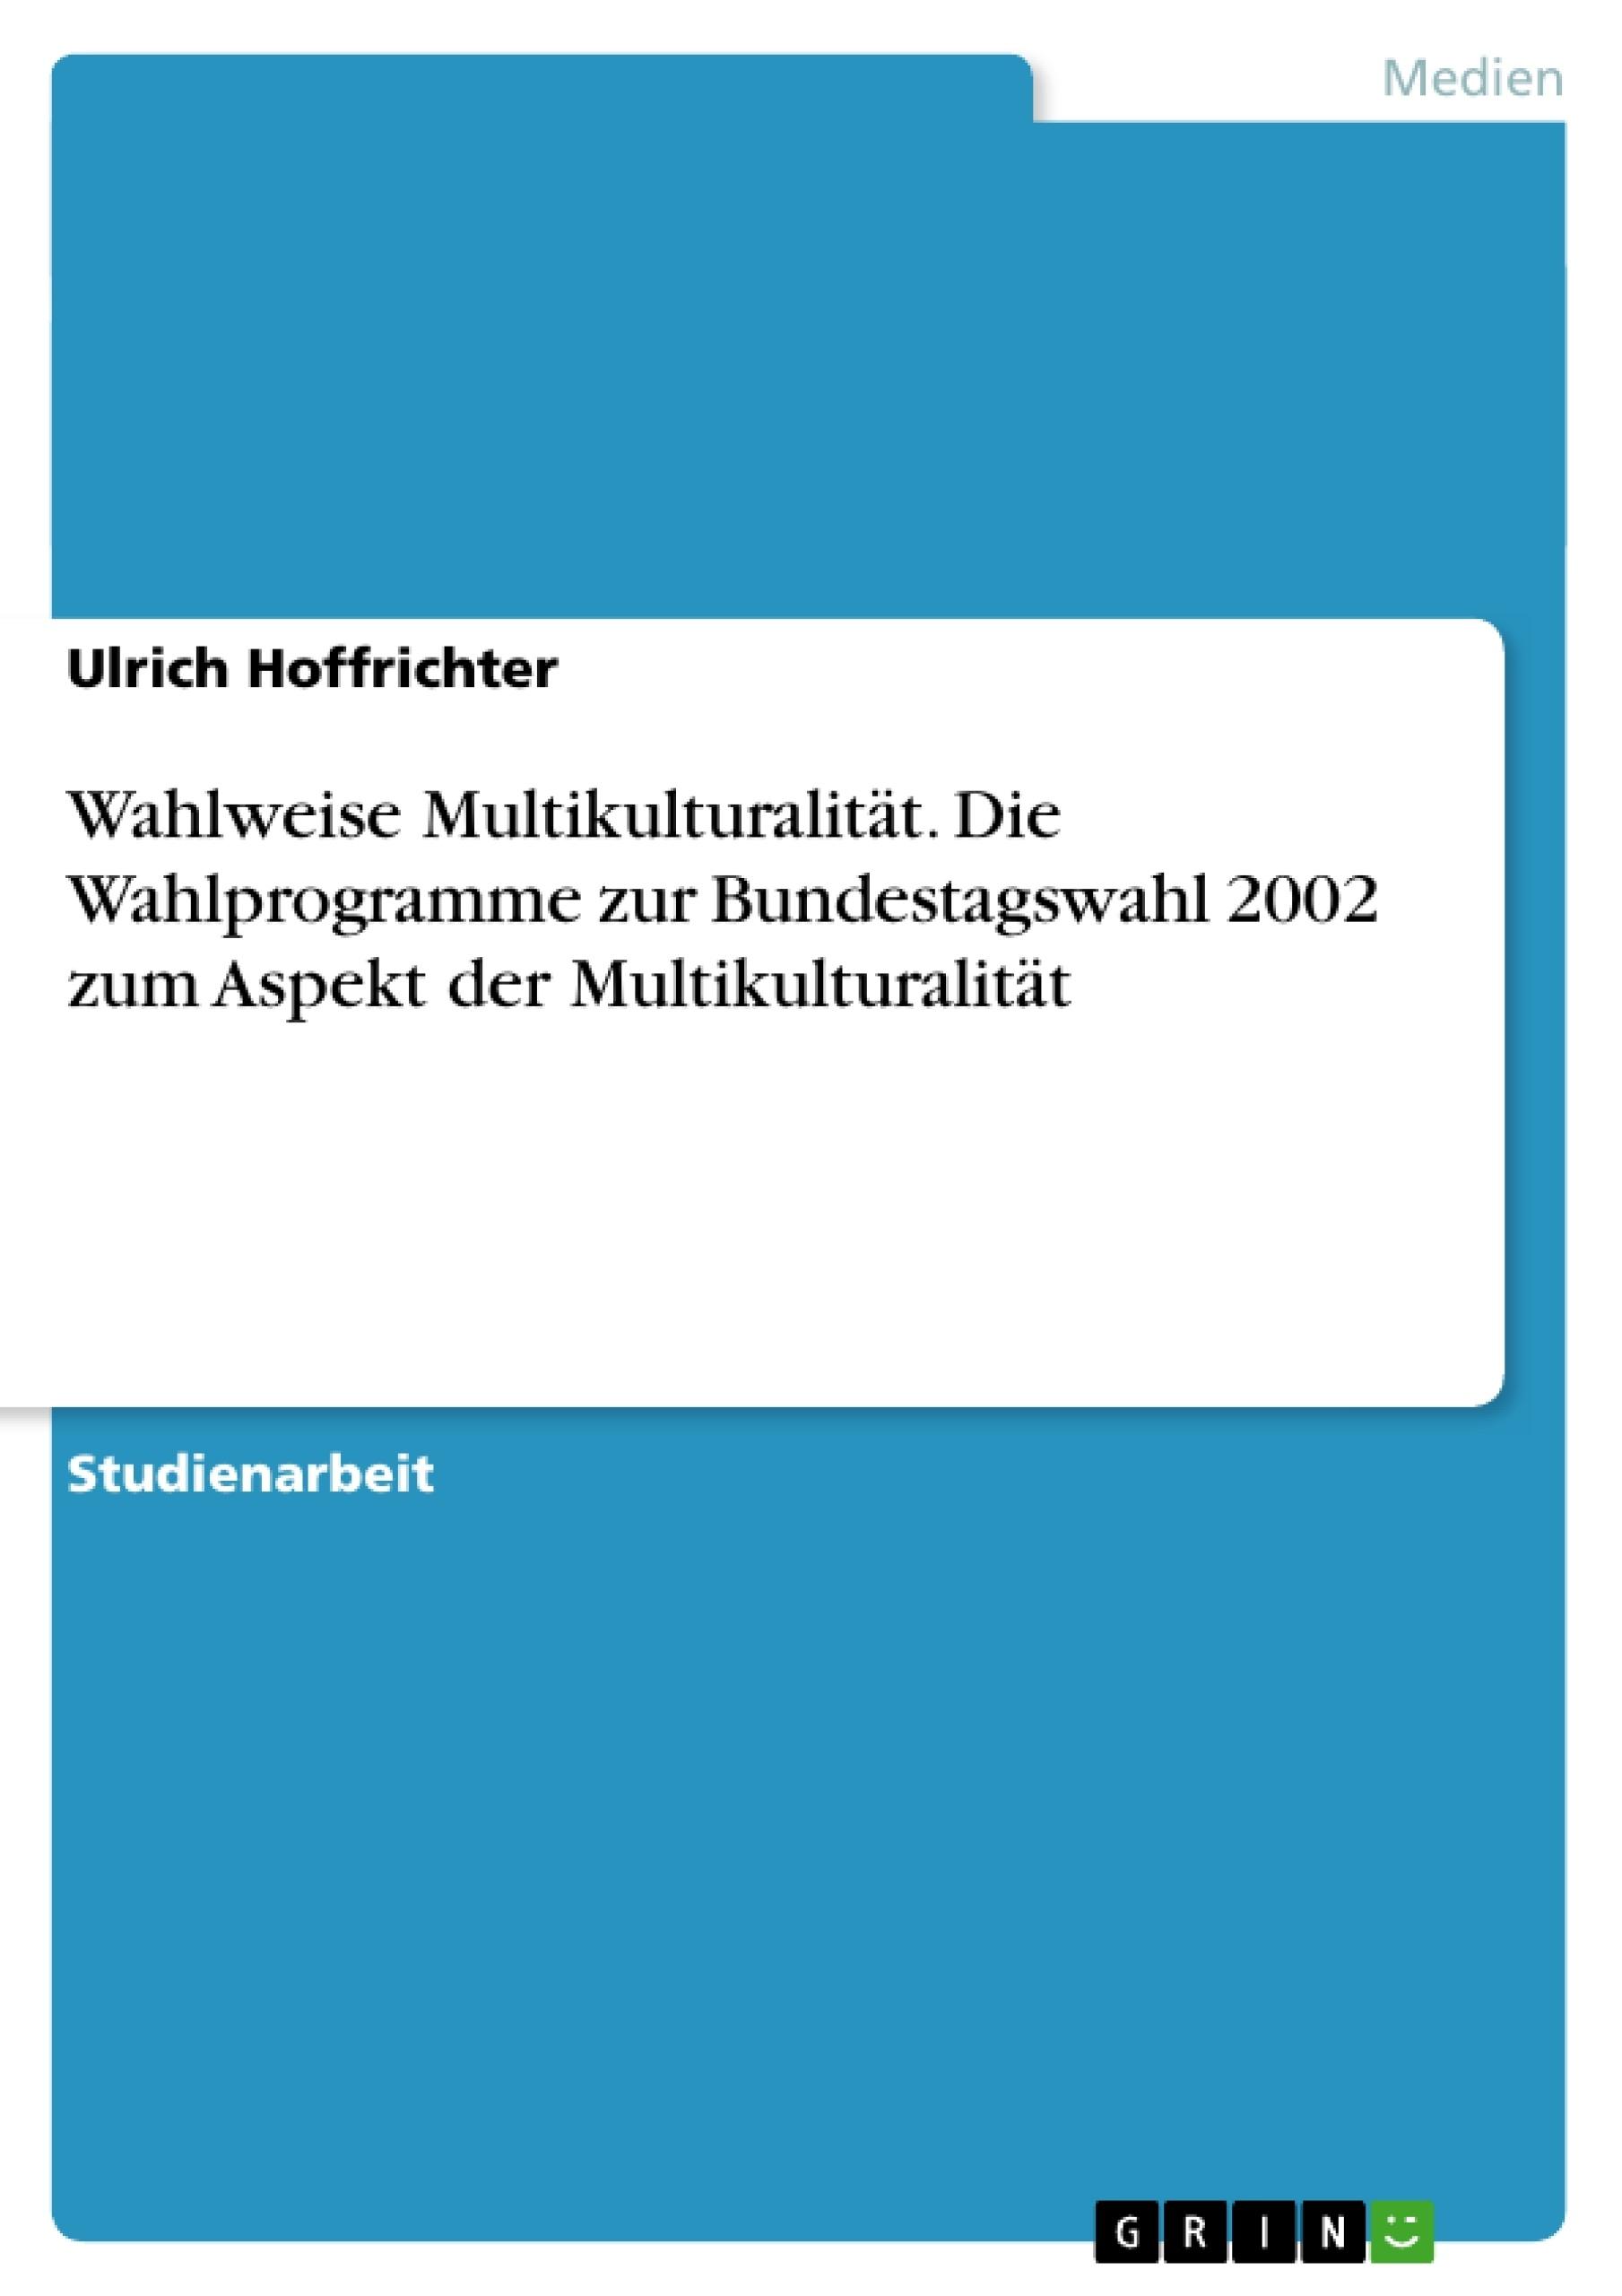 Titel: Wahlweise Multikulturalität. Die Wahlprogramme zur Bundestagswahl 2002 zum Aspekt der Multikulturalität